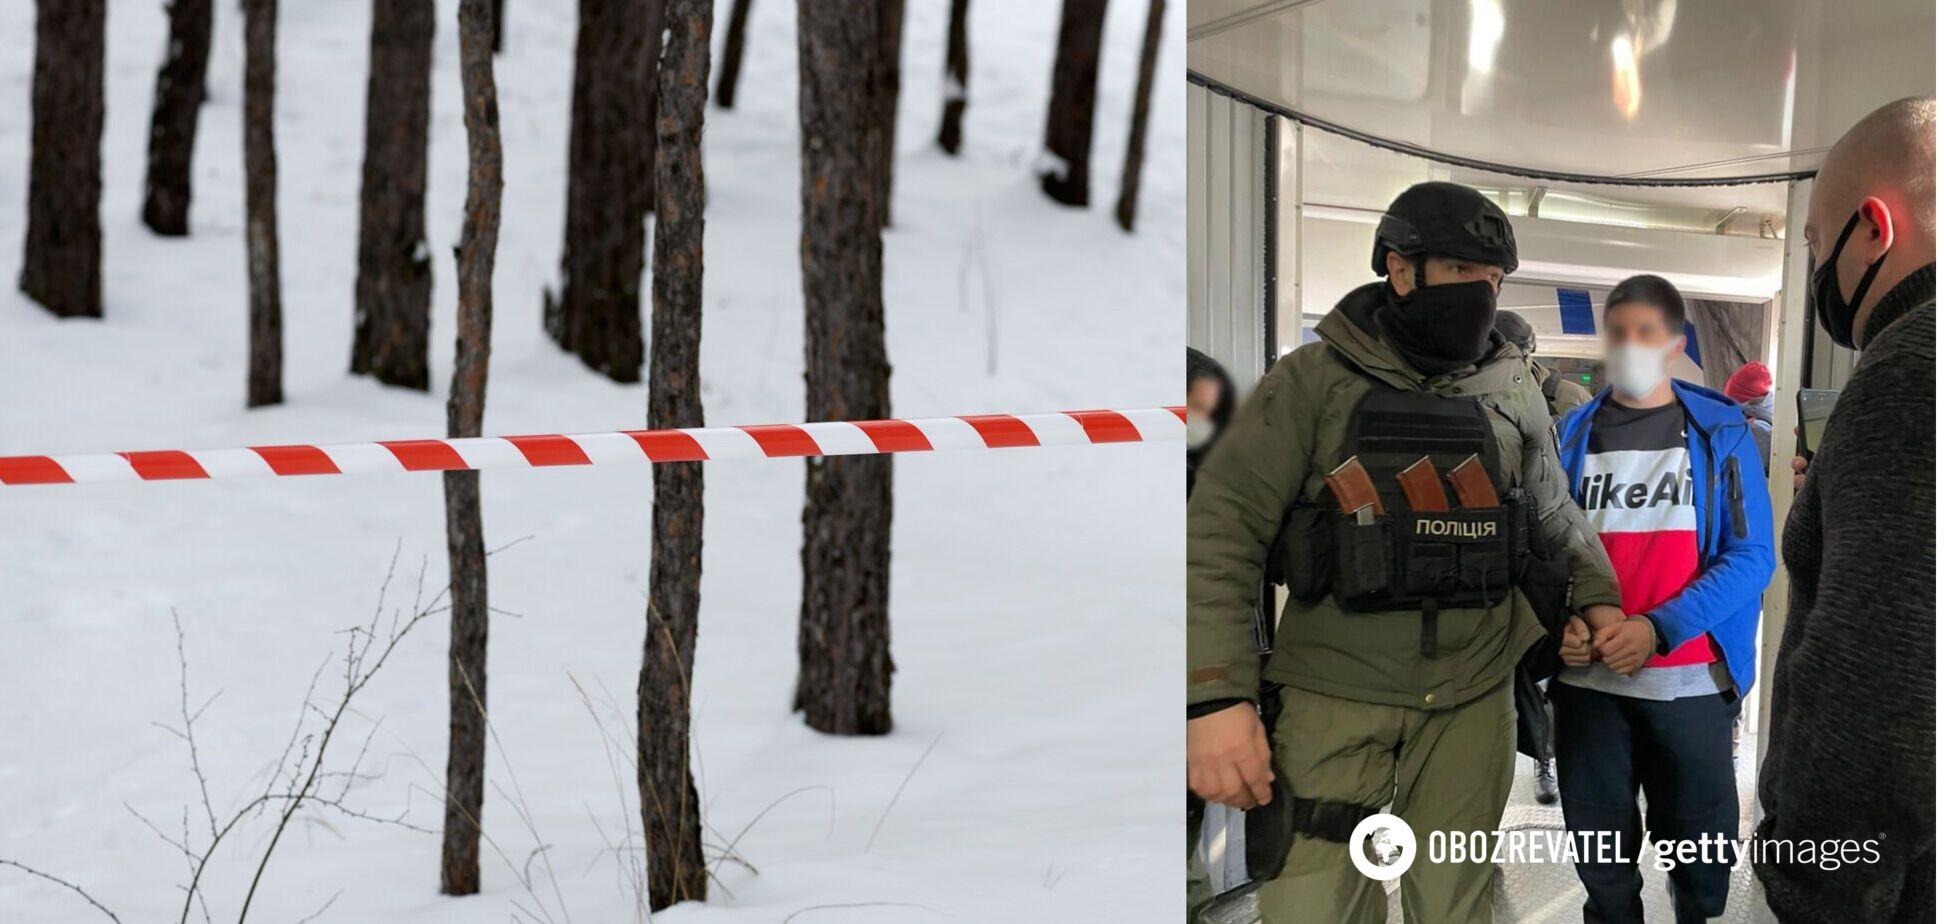 Вбивство в Гідропарку Києва: поліція затримала зловмисника, який втік до Туреччини. Фото